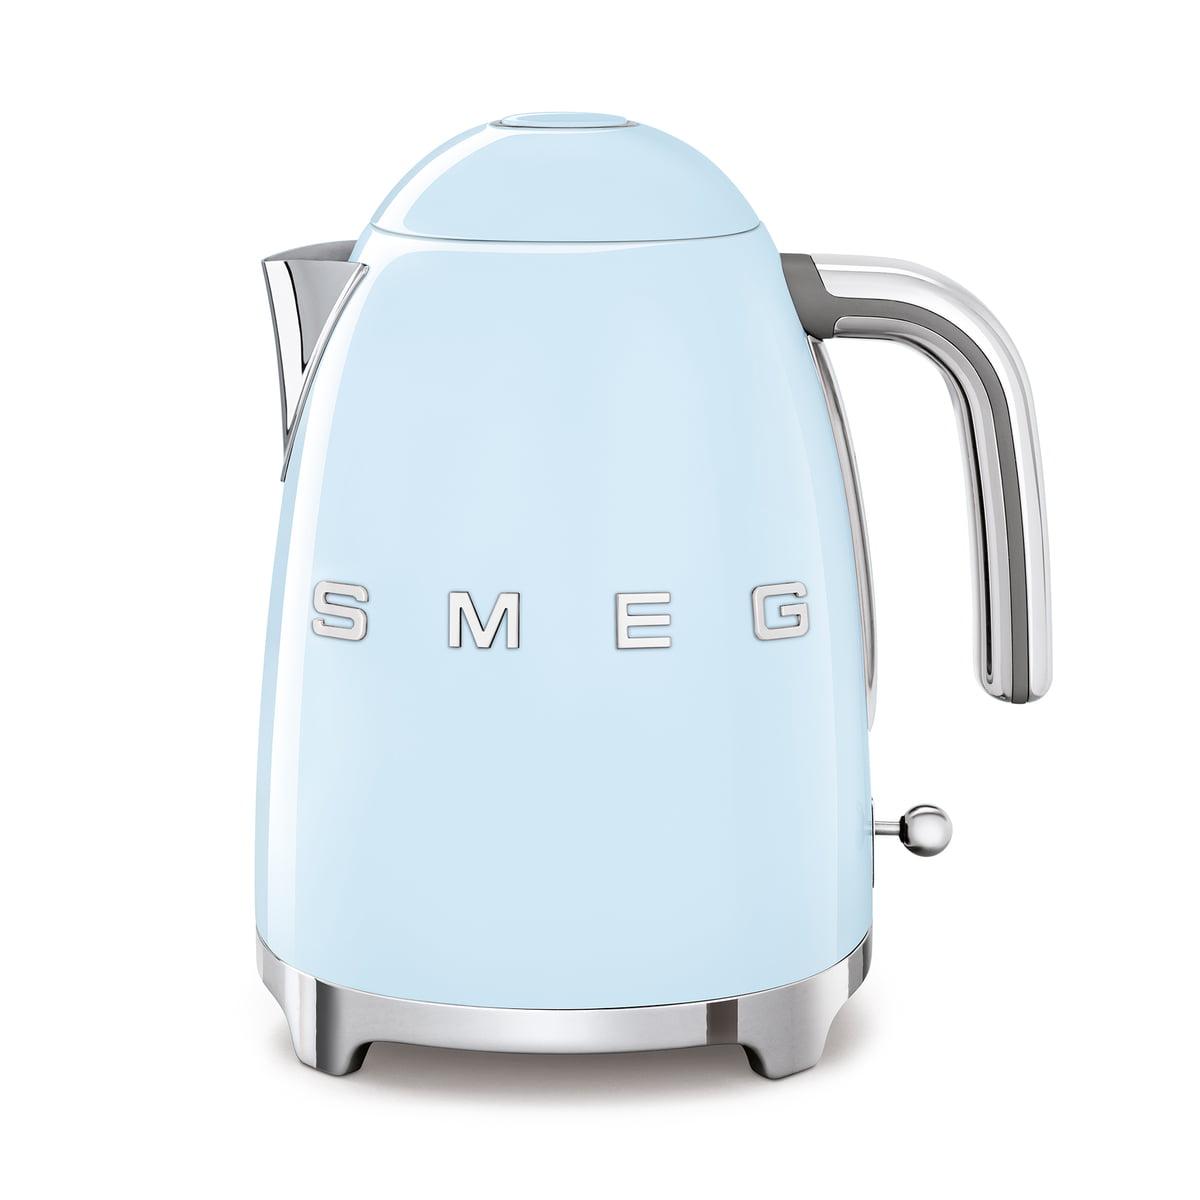 SMEG - Wasserkocher 1,7 l (KLF03), pastellblau